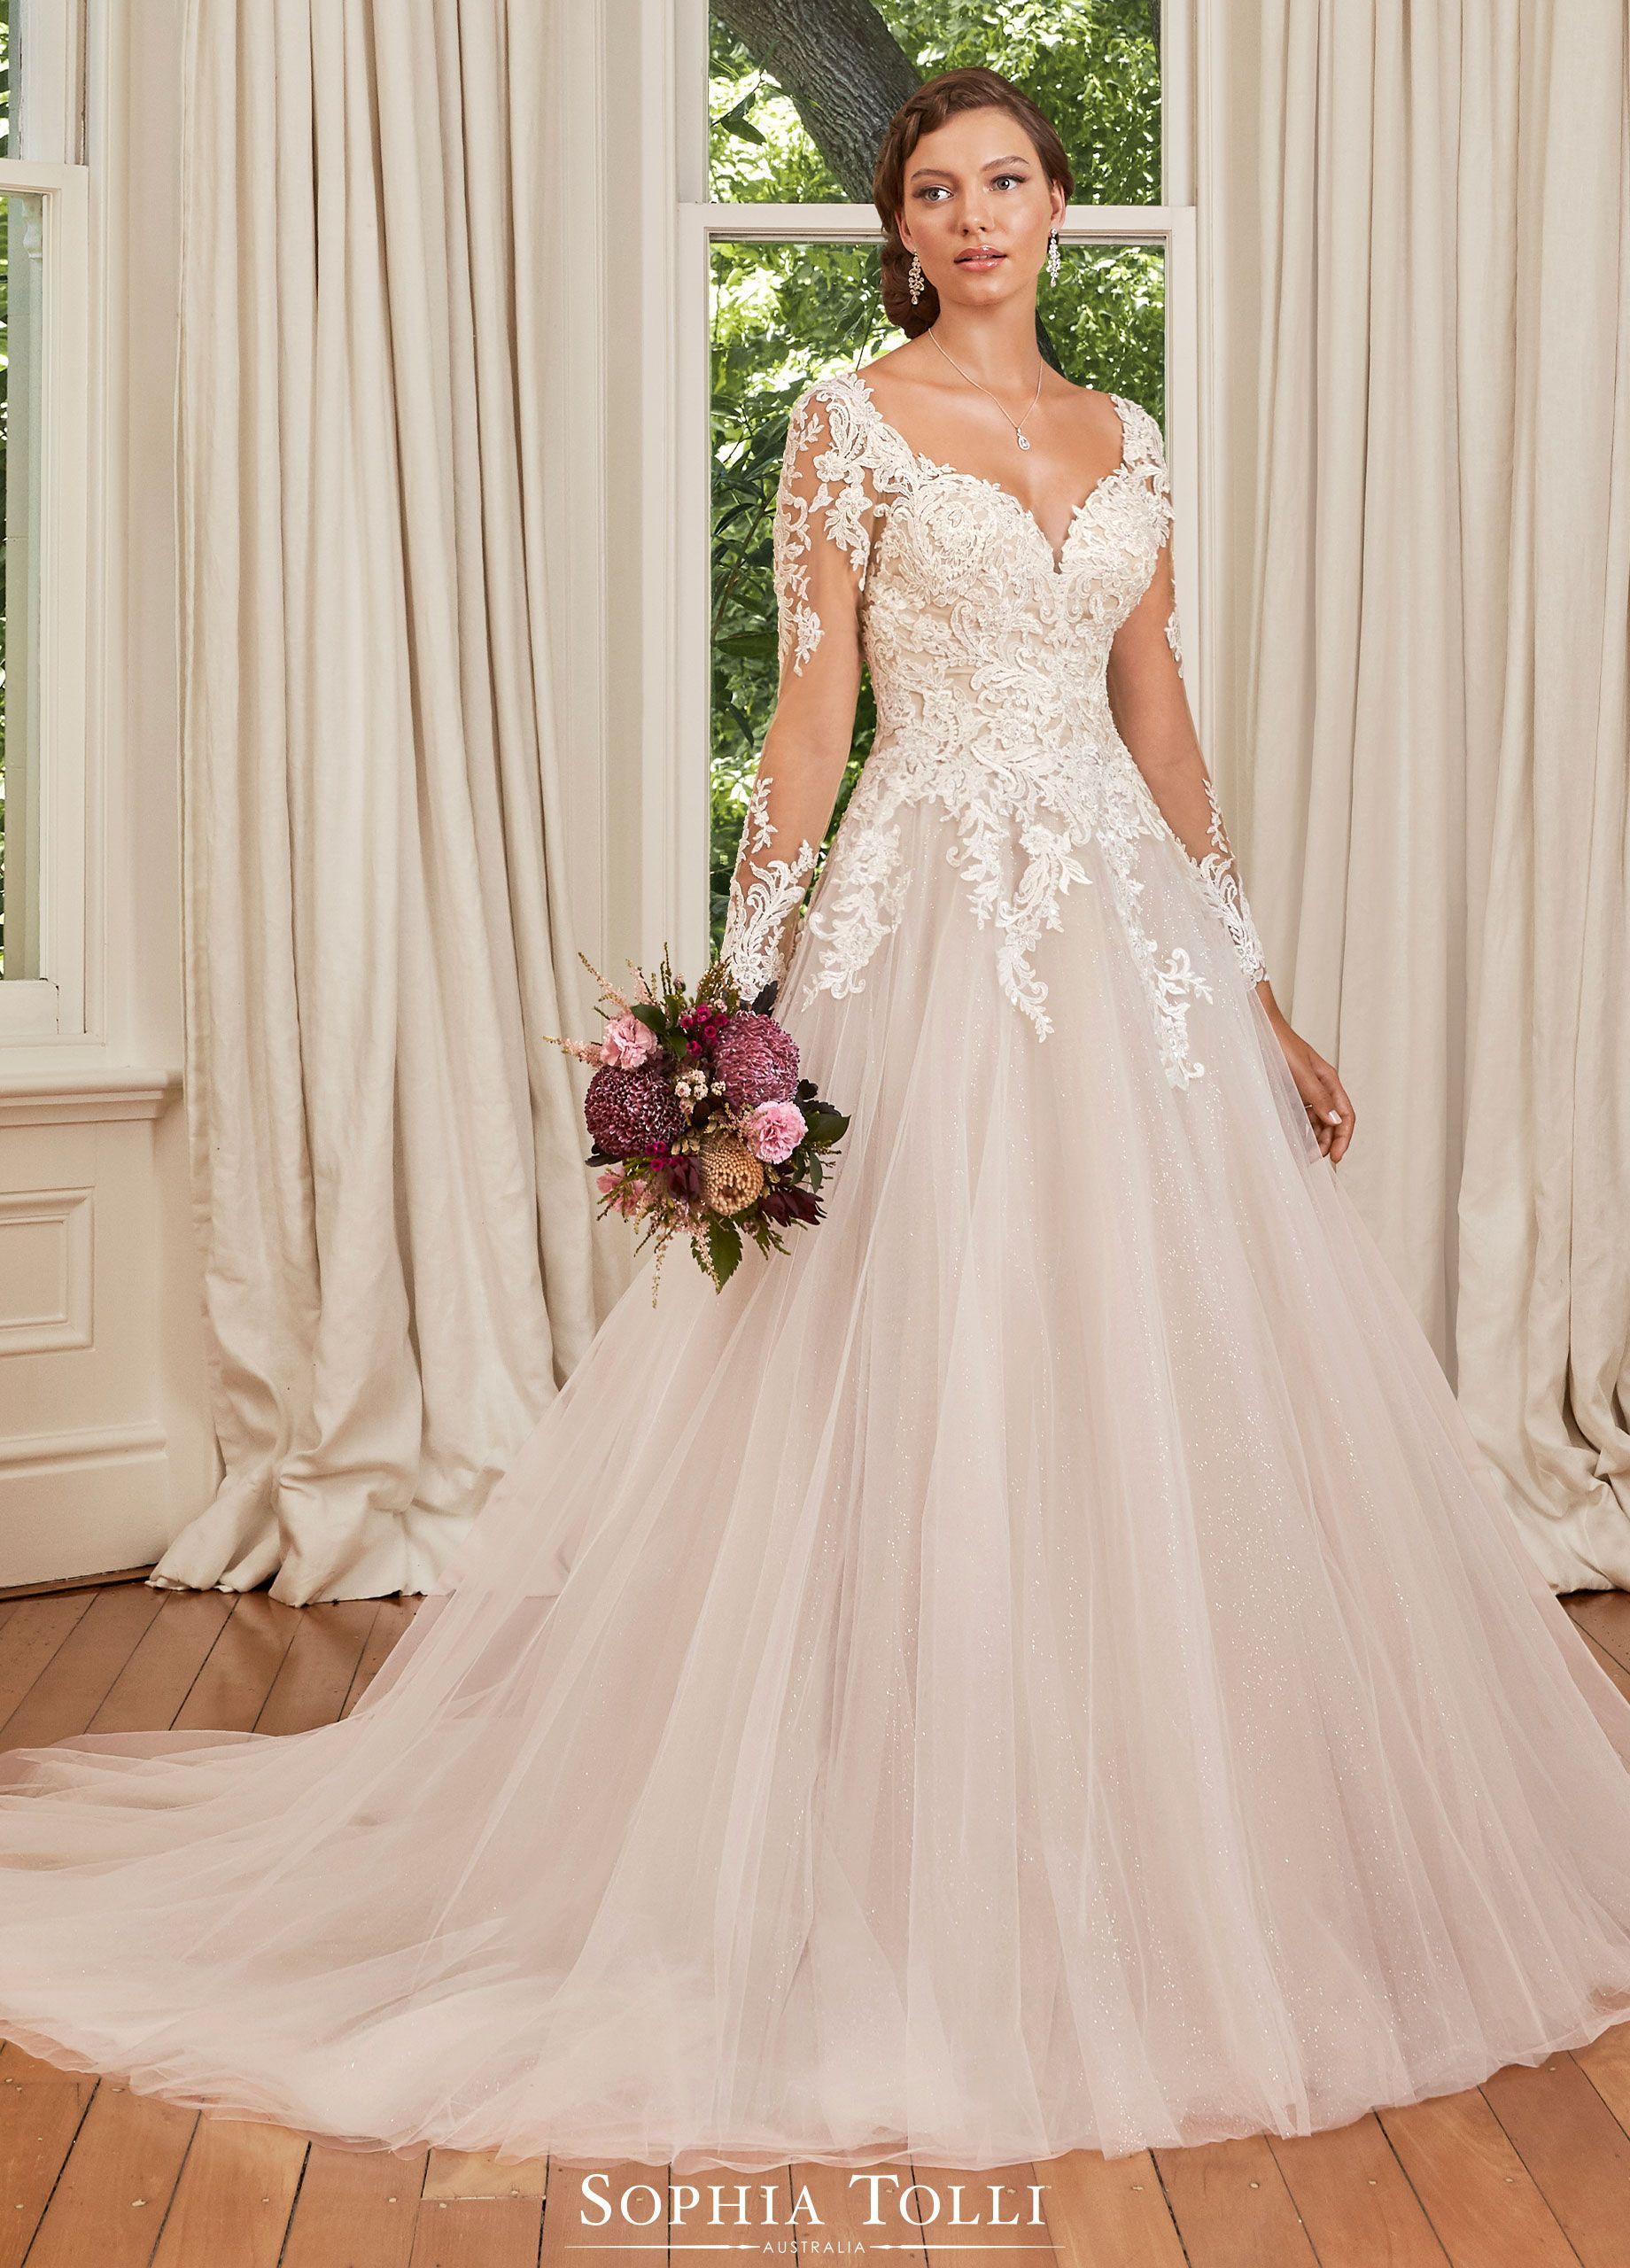 Sophia Tolli Wedding Gowns Y21977b Stephanie Grace In 2020